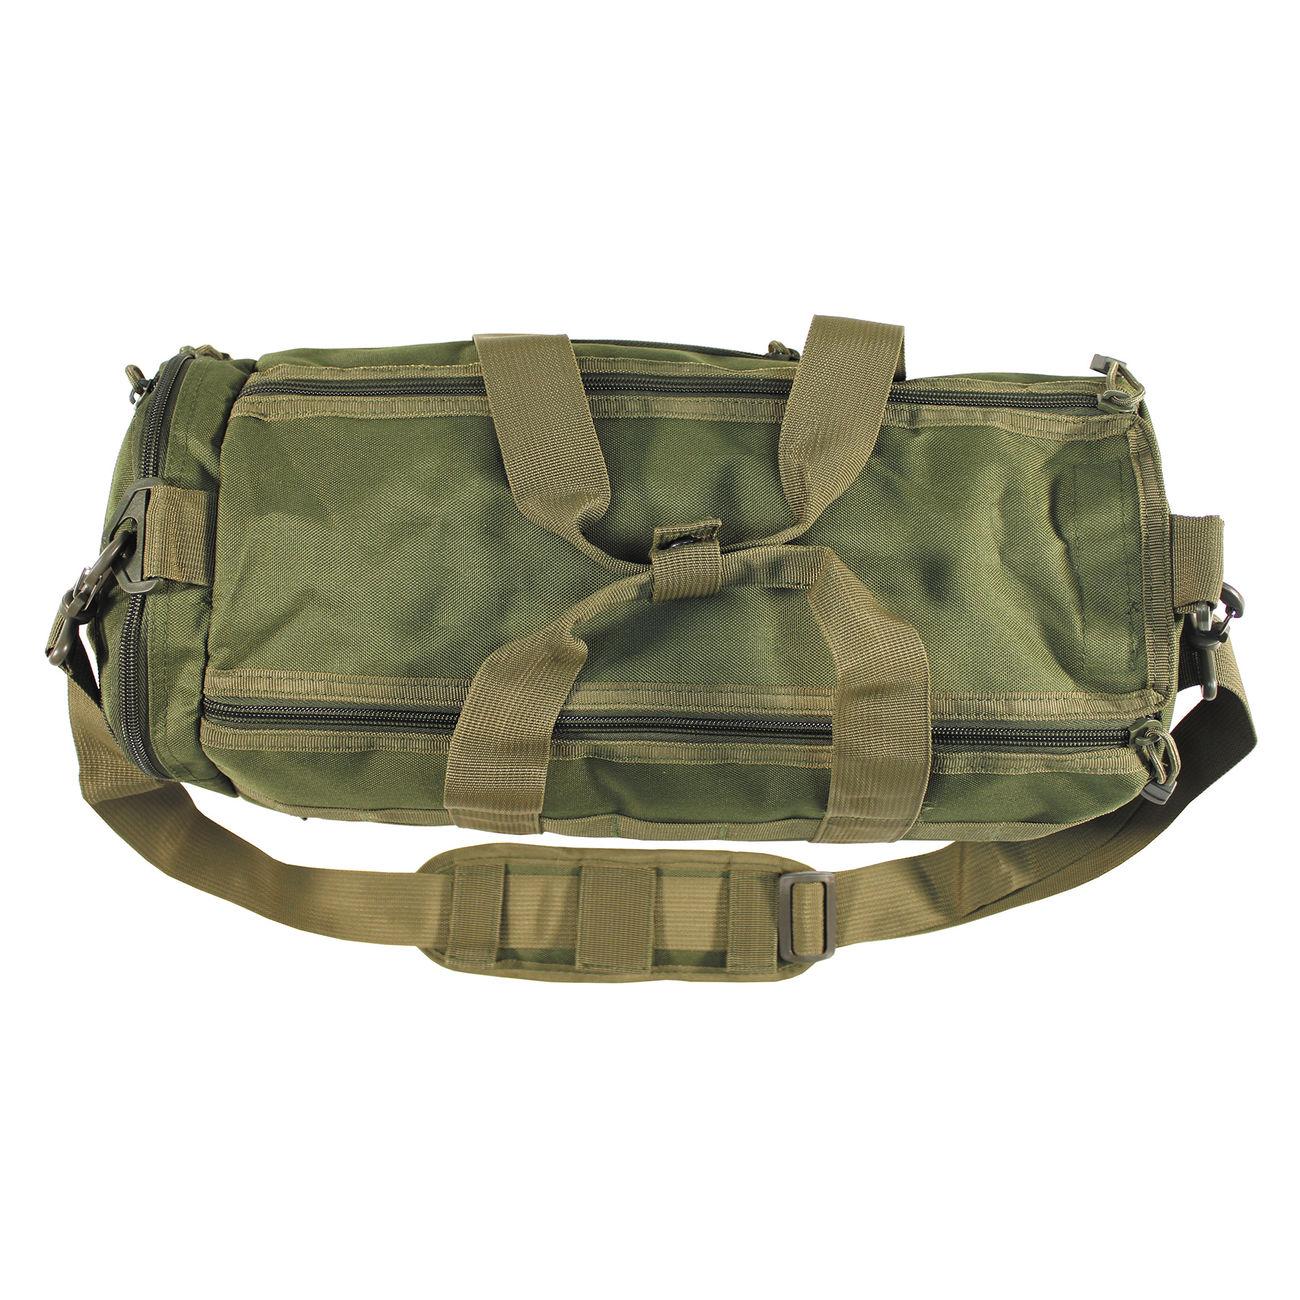 Armtaschen /& versteckten Seitentaschen normani Tactical BDU Kampfshirt T-Shirt mit Klettpatches